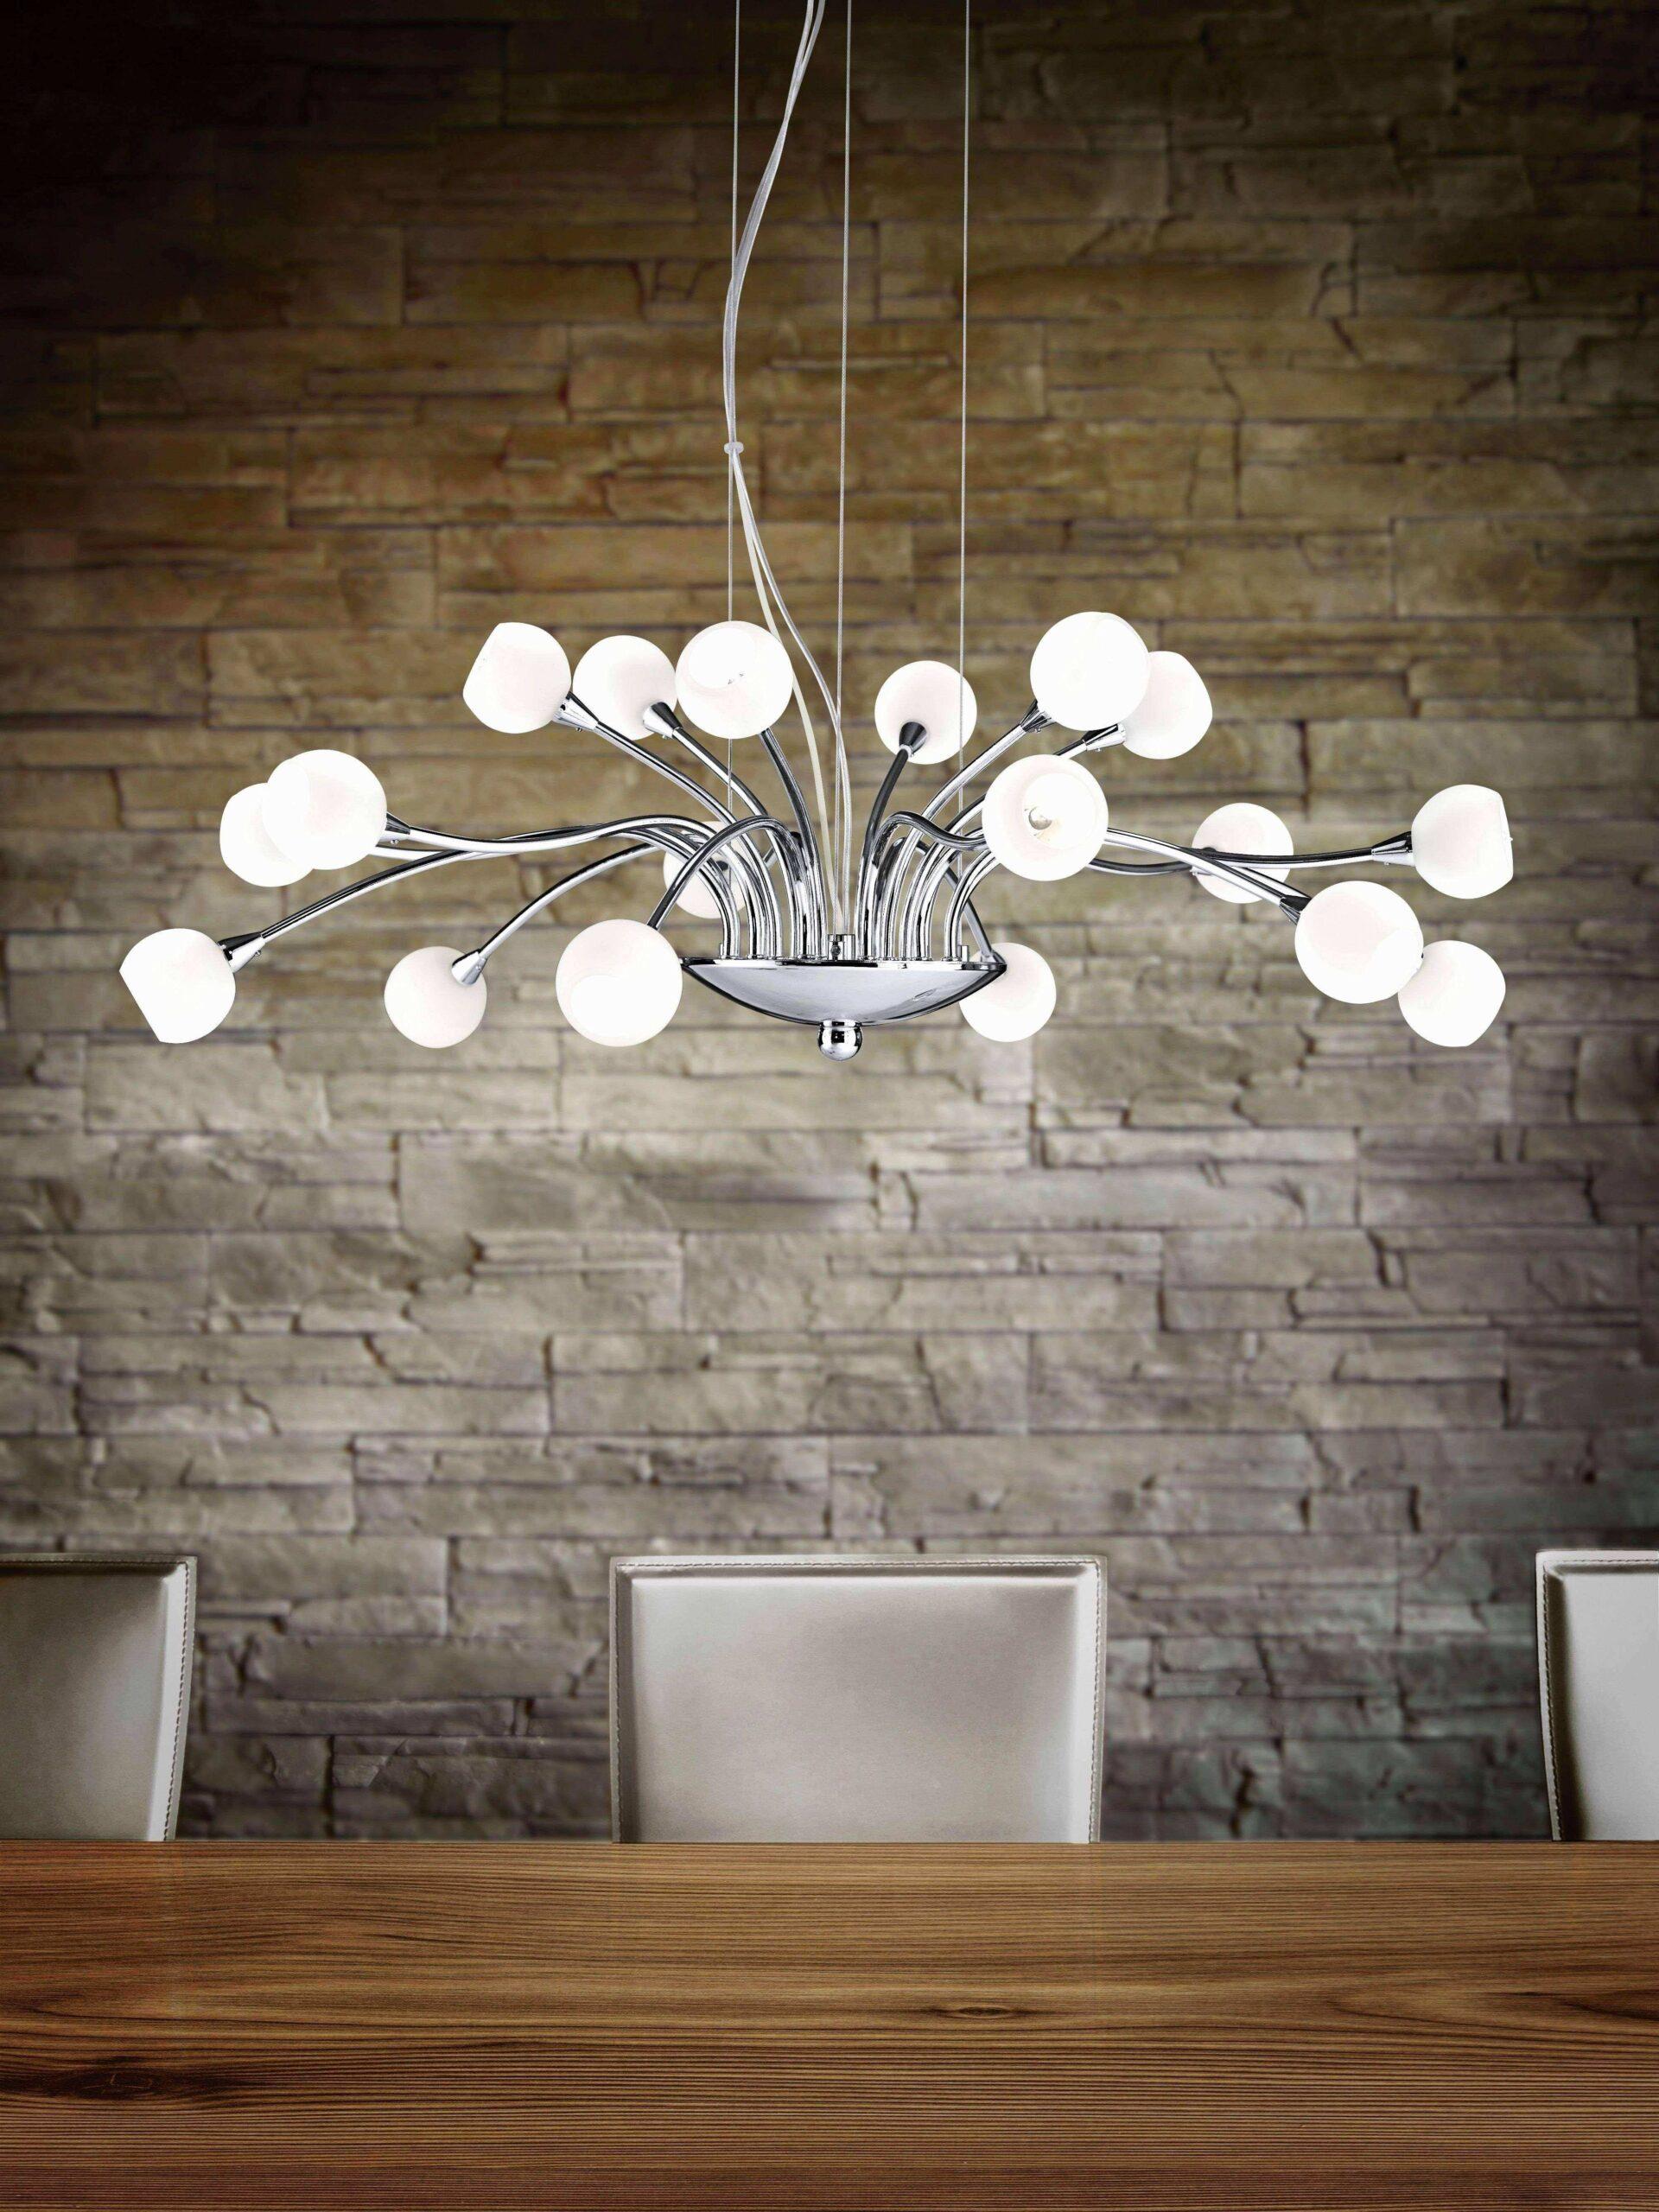 Full Size of Ikea Wohnzimmer Lampe Lampen Elegant Neu Tolles Tisch Deckenleuchten Landhausstil Hängeschrank Weiß Hochglanz Deckenlampe Bilder Fürs Wohnwand Schlafzimmer Wohnzimmer Ikea Wohnzimmer Lampe